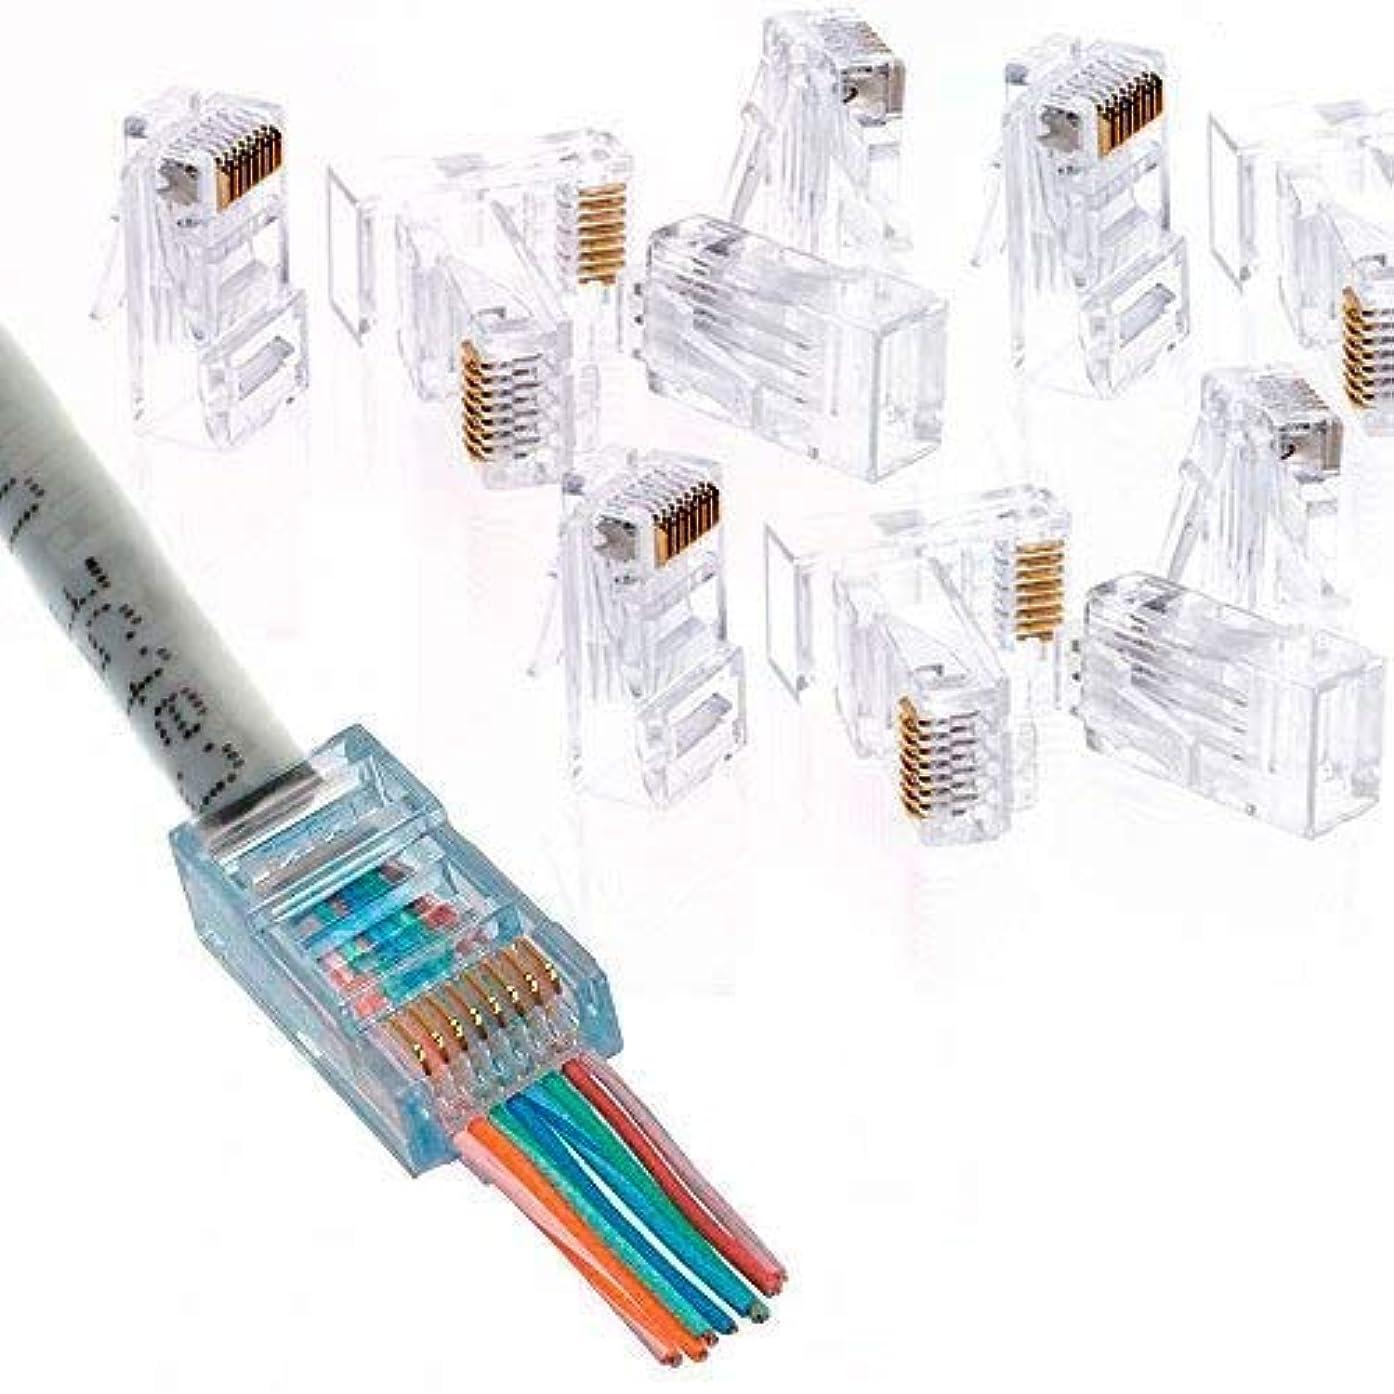 RJ45 Crimp End Pass Through Connector 8P8C UTP Network Plug CAT6 Cable 50PCS Gold Plated … (50)